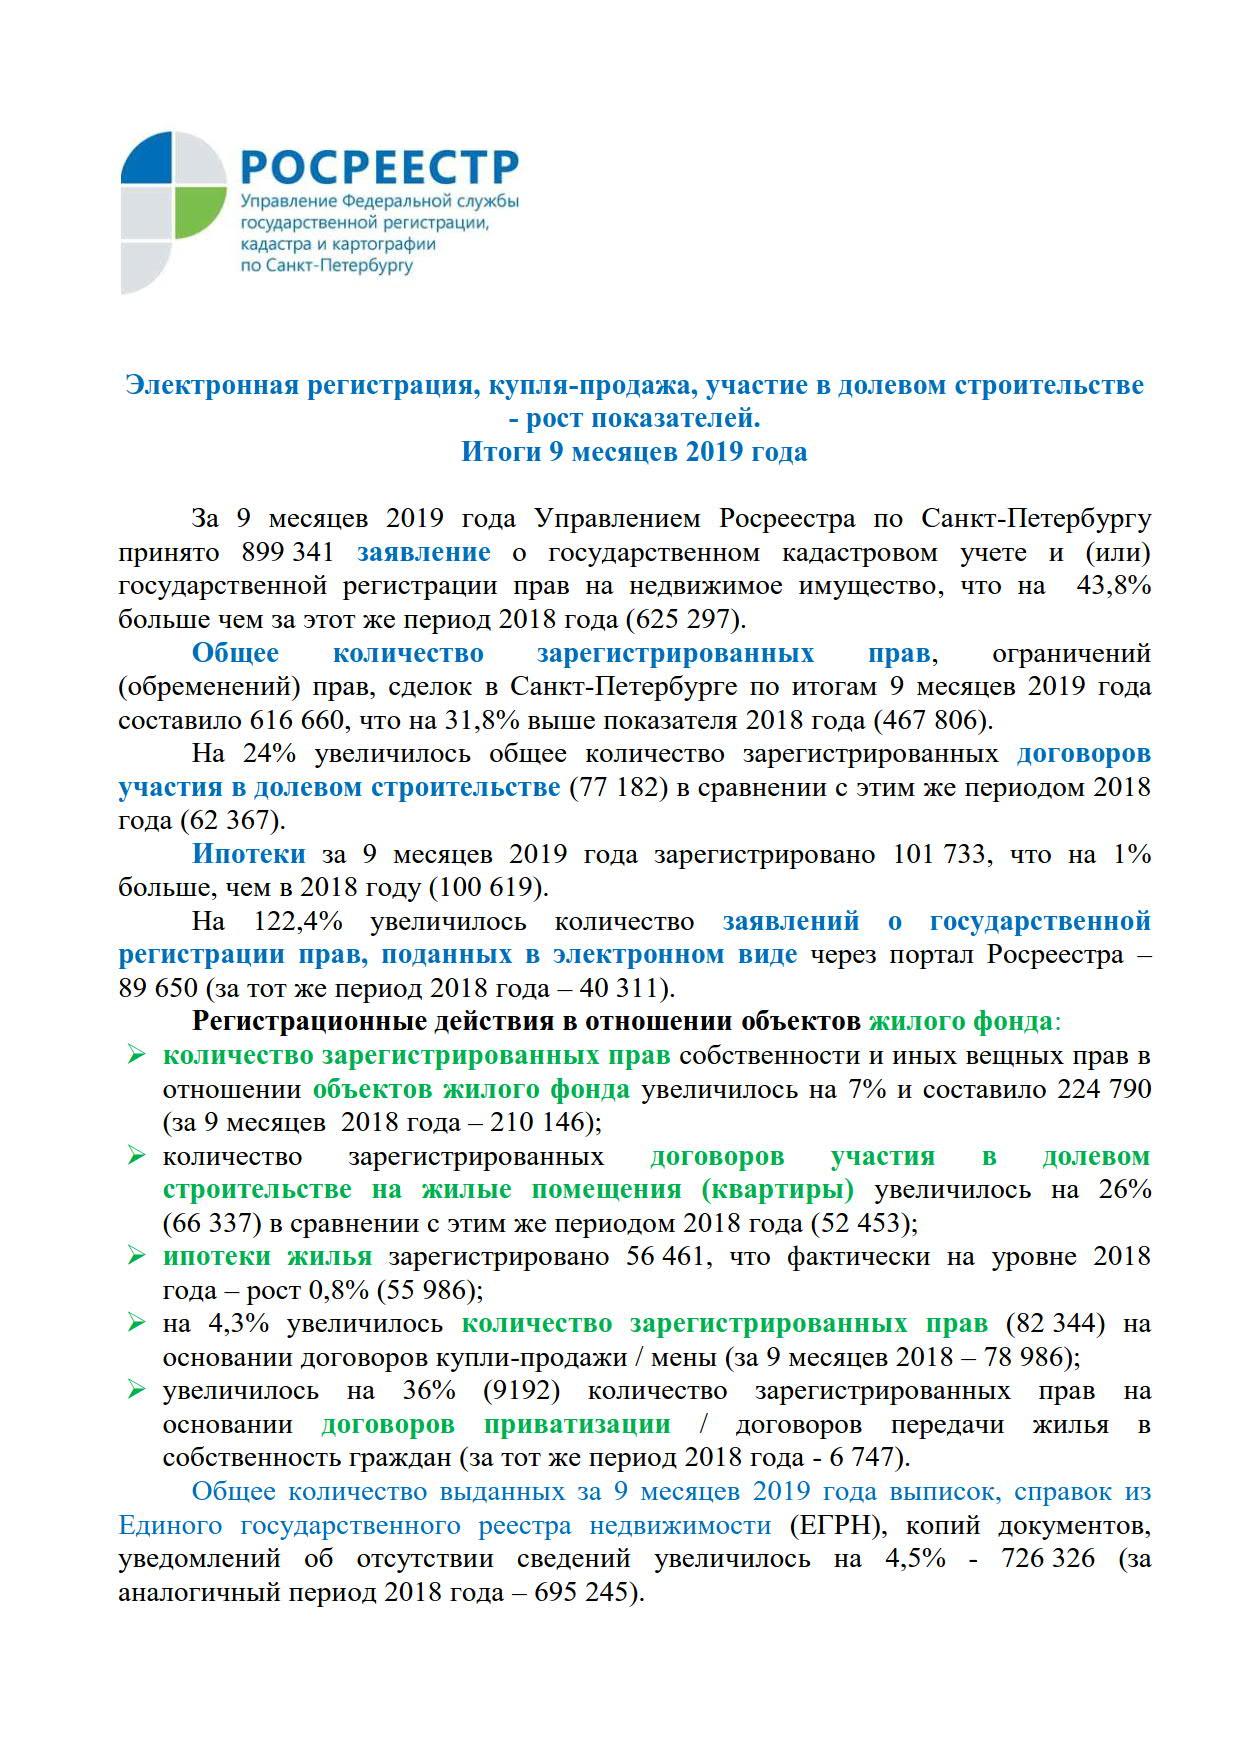 Электронная регистрация, купля-продажа, участие в долевом строительстве - рост показателей_1